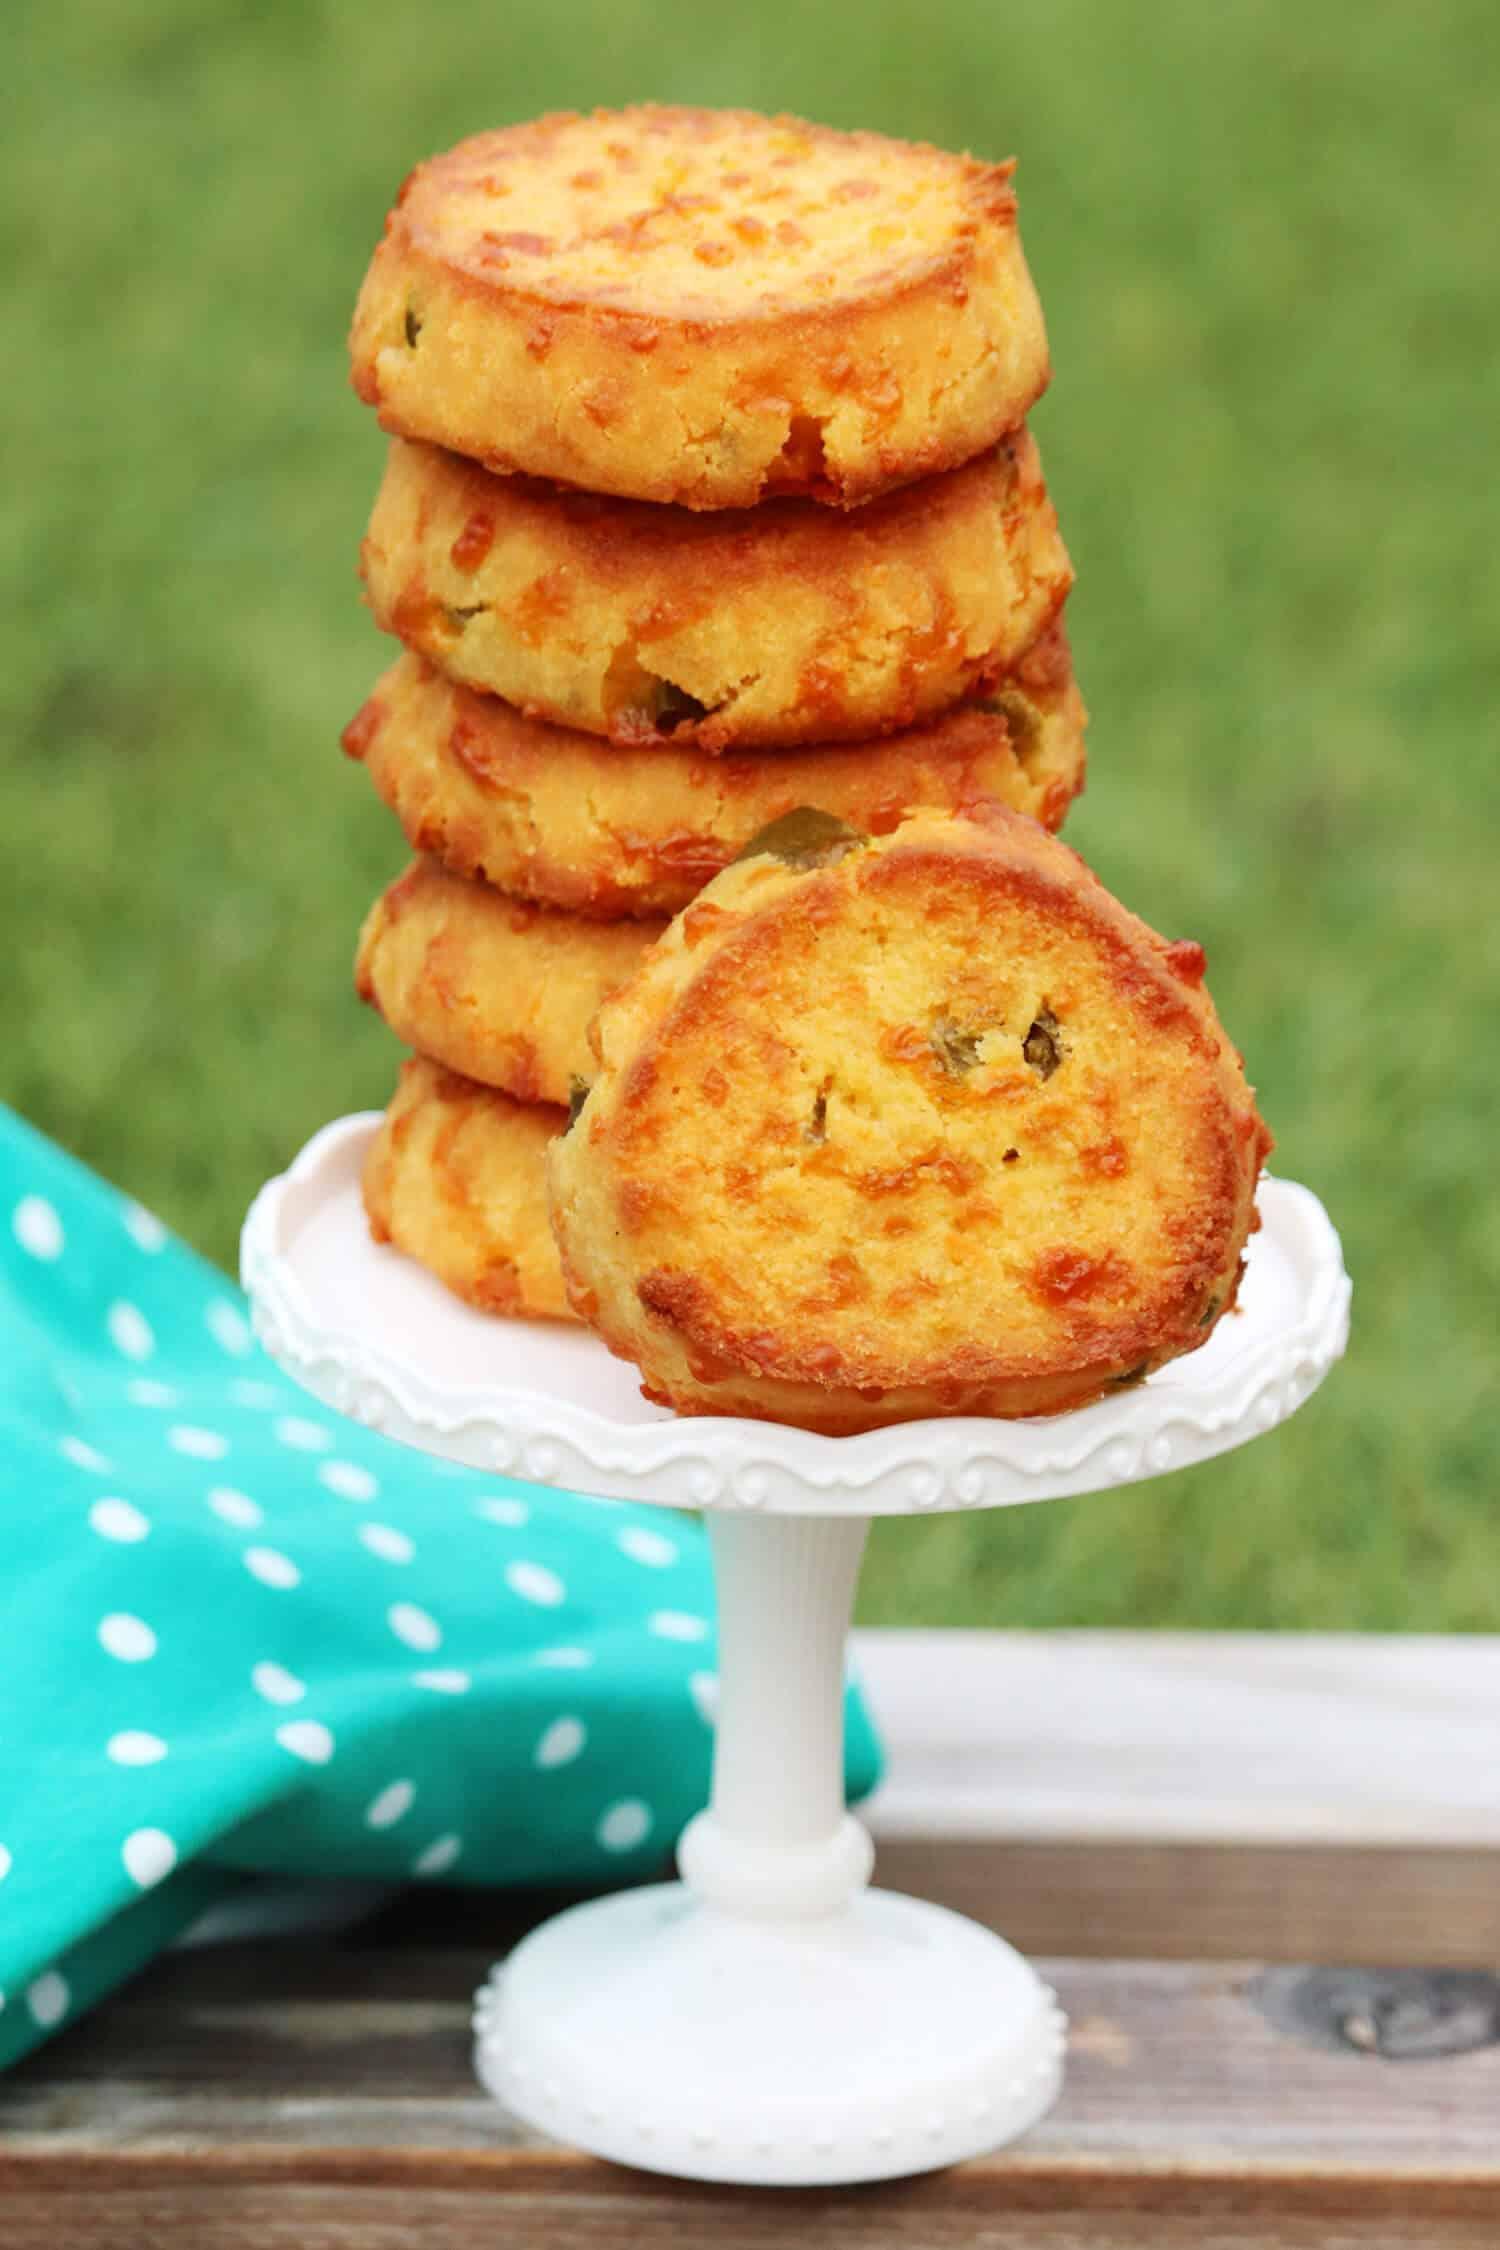 Diese herzhaften Low Carb Jalapeno Cheddar Plätzchen sind der perfekte Snack für Zwischendurch. Du kannst die Plätzchen schnell und einfach selber machen, durch die Schärfe wird dein Stoffwechsel angeregt und sie sättigen wunderbar, wenn dich der plötzliche Heißhunger überkommt. Ein perfektes Rezept für alle, die auf der Suche nach herzhaften und gesunden Snack Ideen für die Arbeit, Schule oder auch mal abends sind.